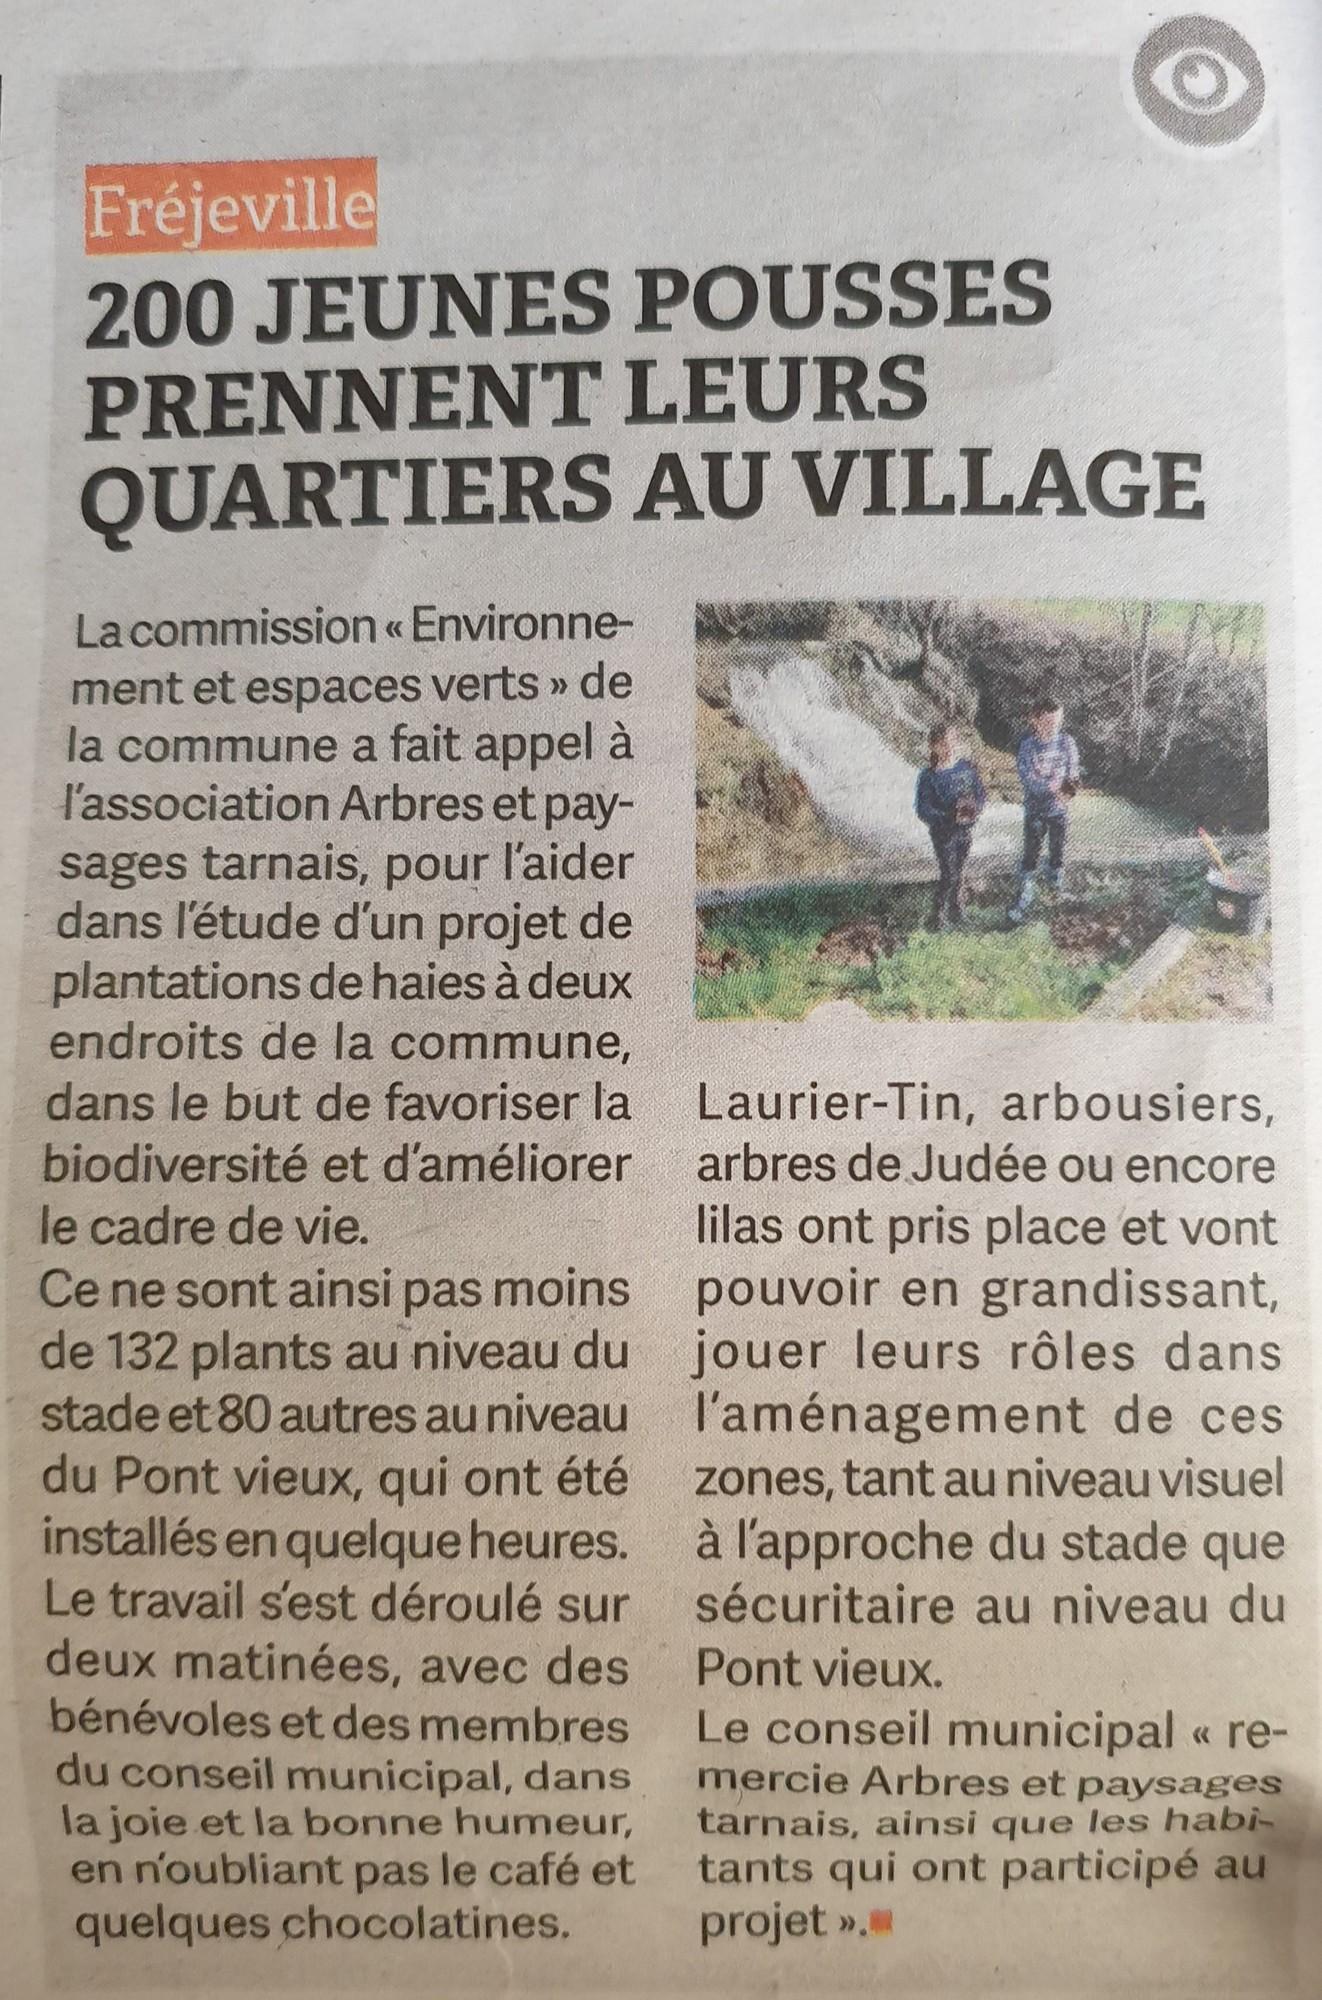 Article Plantation de haies - Le Journal d_Ici - 11-03-2021.jpg